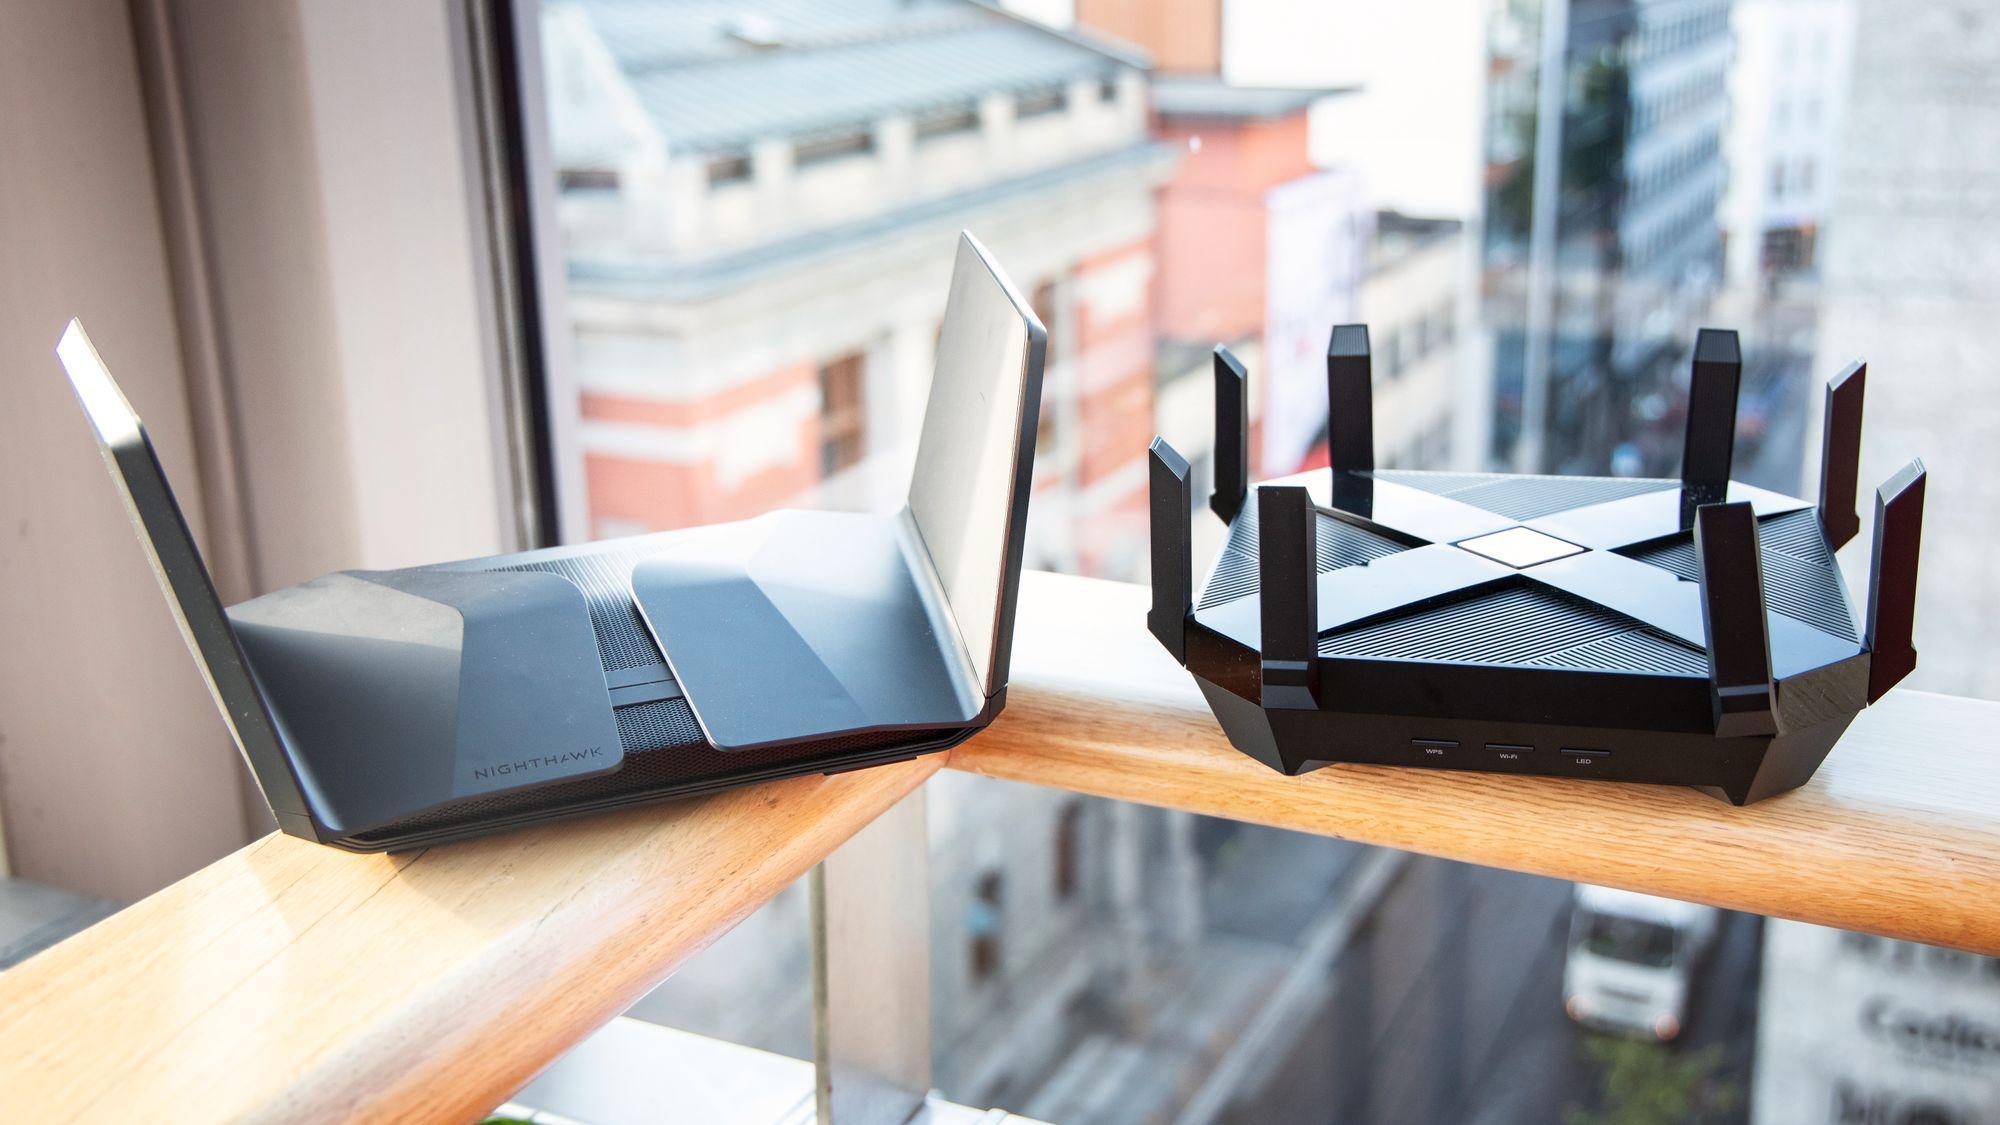 «Historisk» avgjørelse kan gjøre wi-fi mye bedre